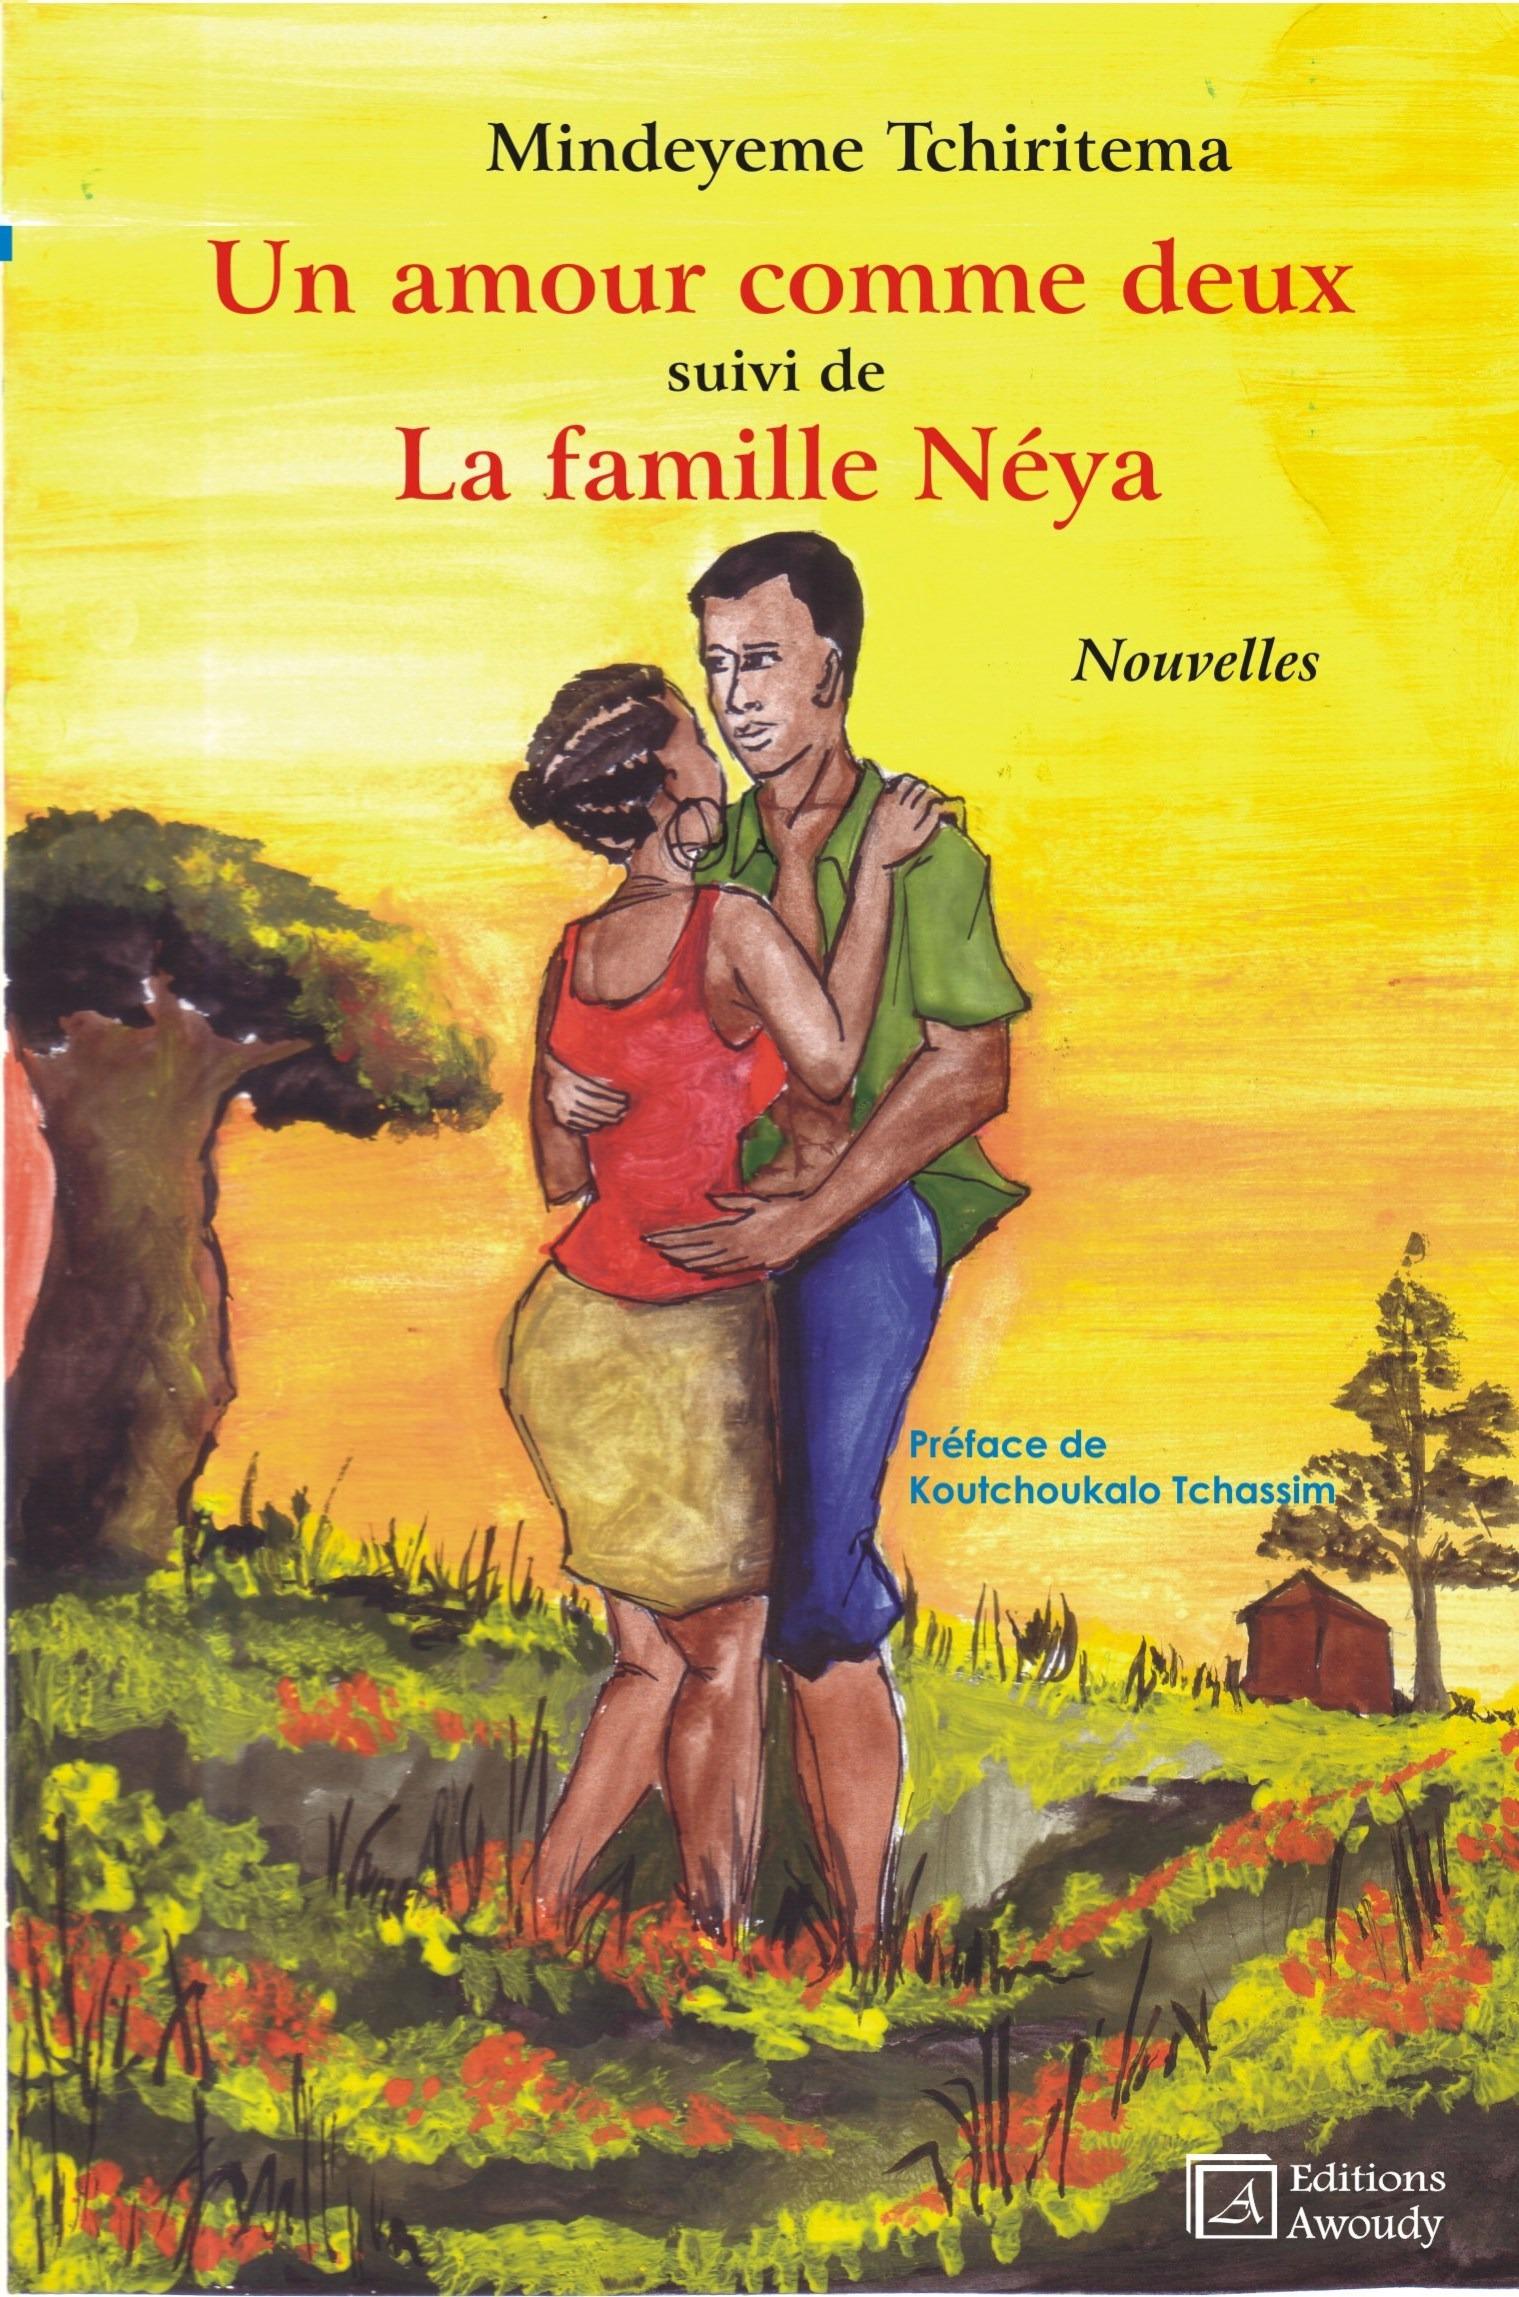 Un amour comme deux, suivi de La famille Néya